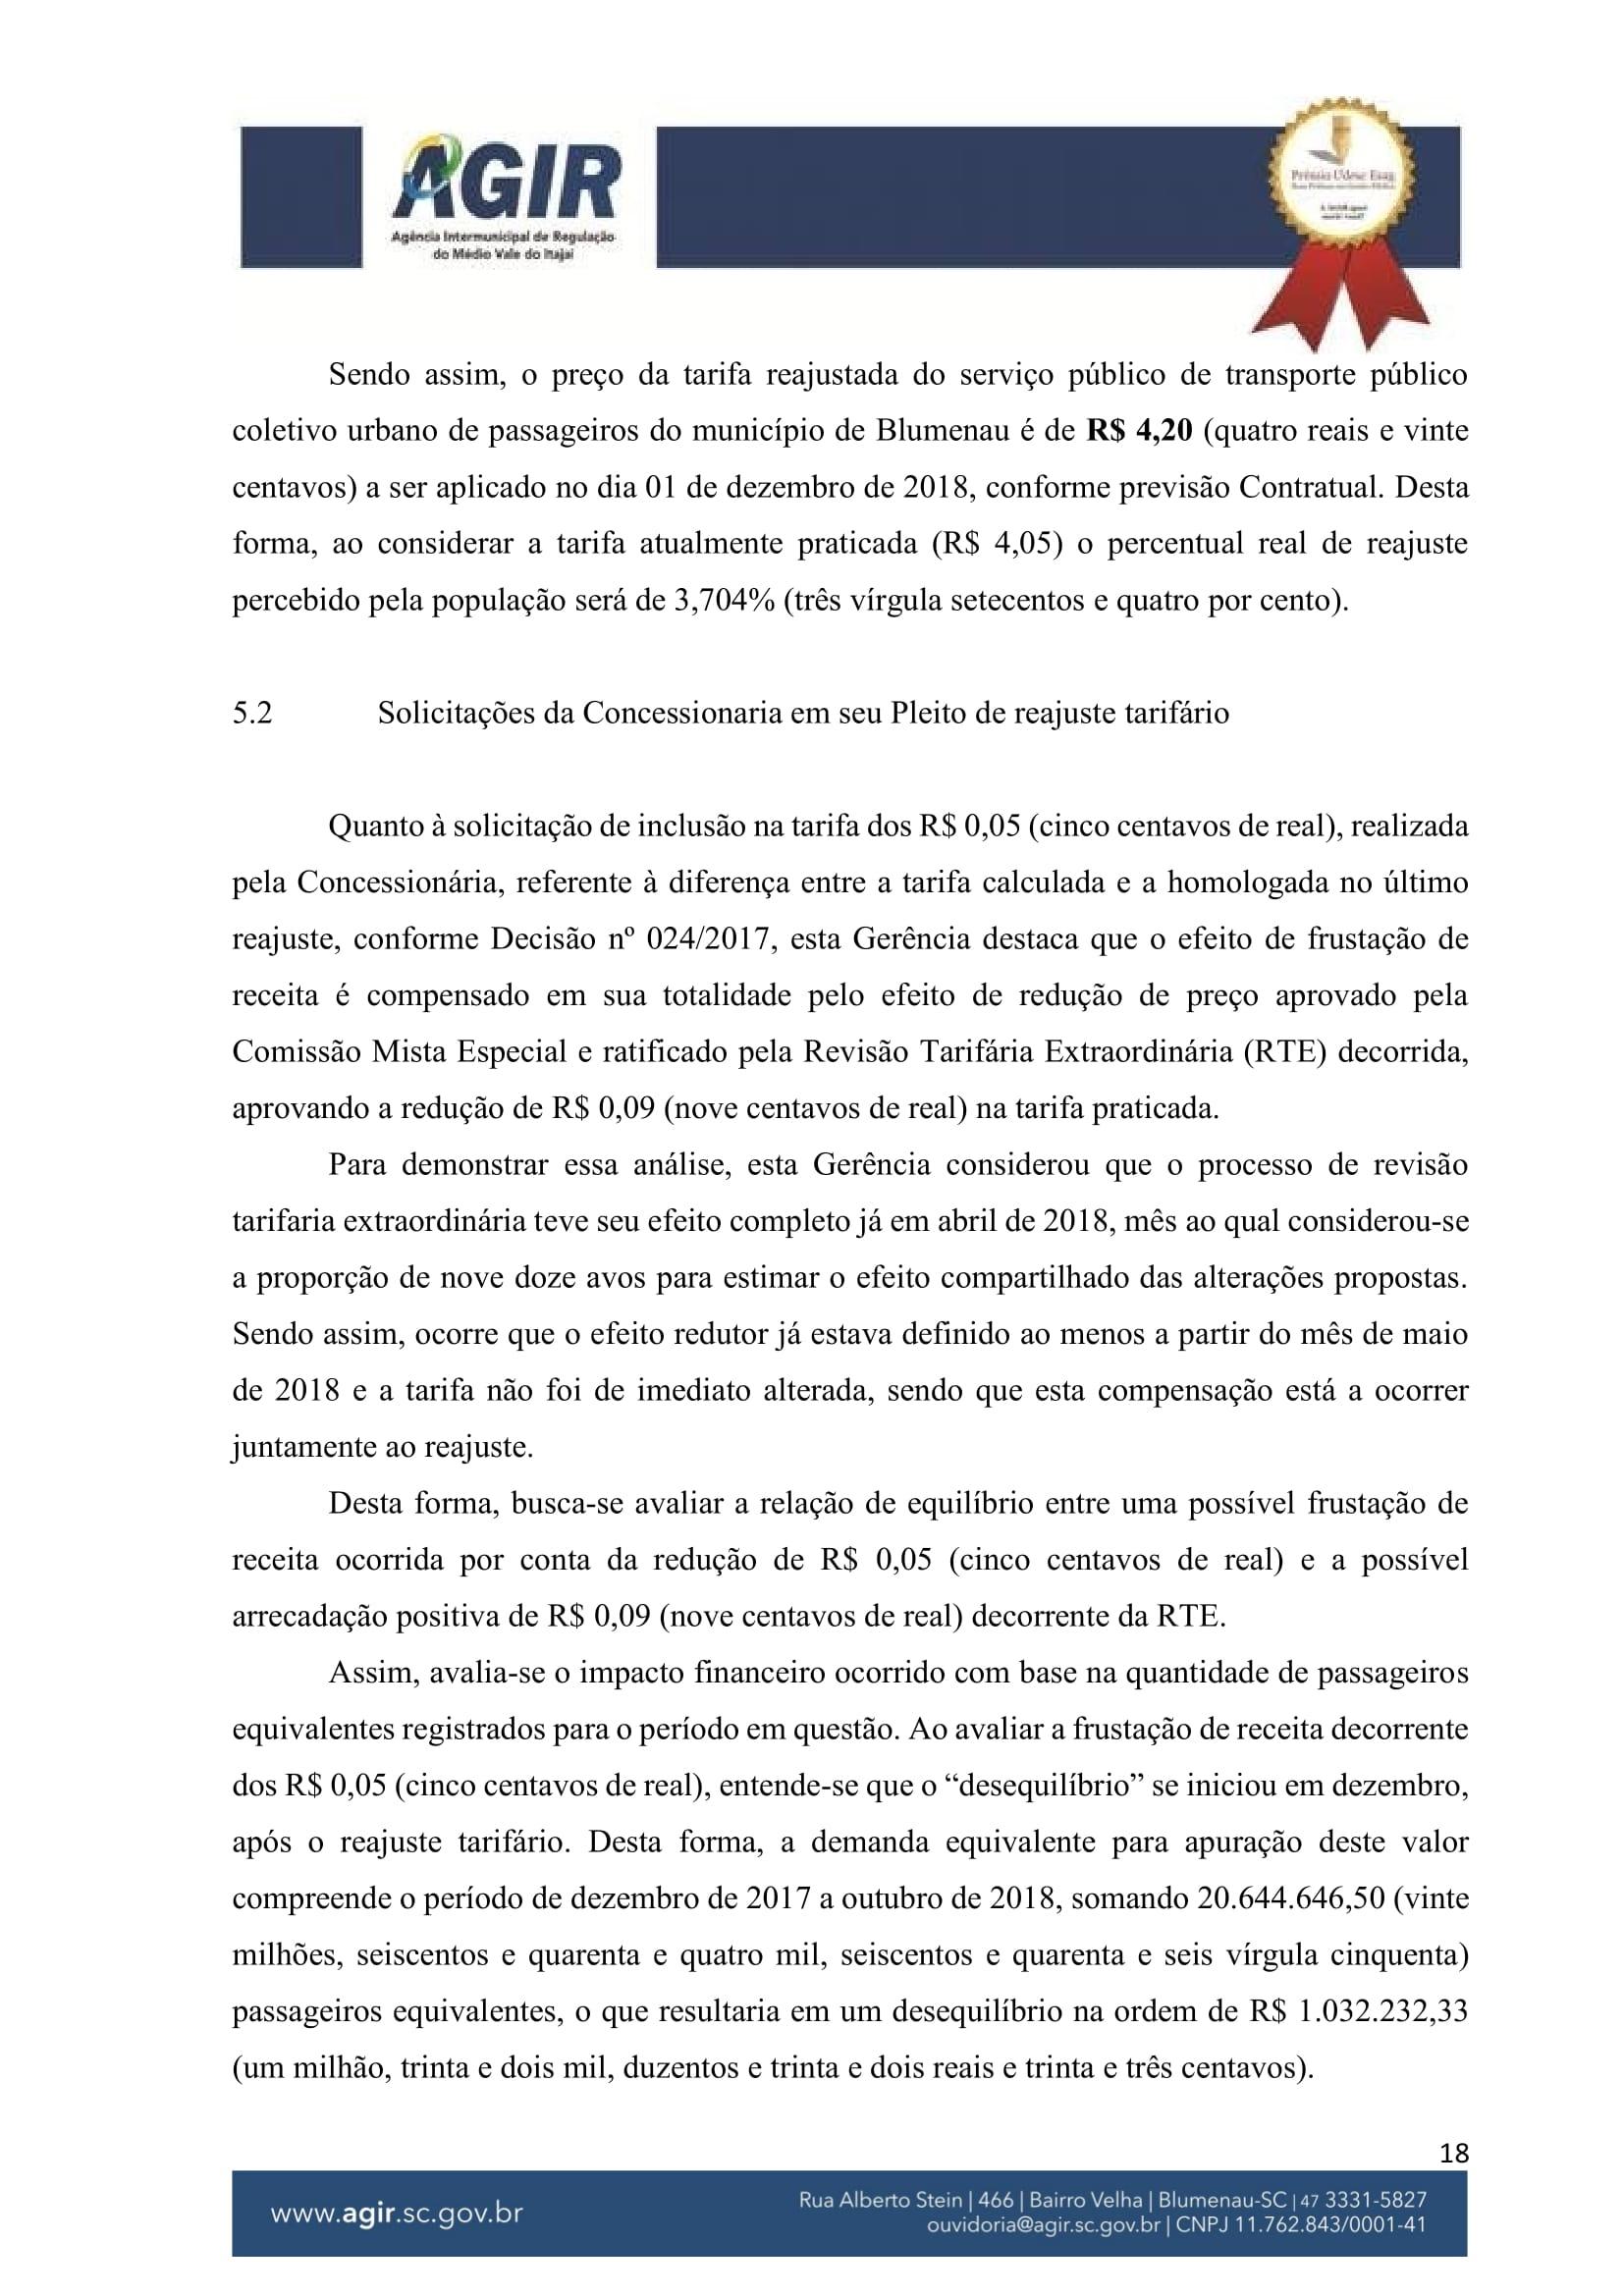 Parecer Administrativo nº 70-2018-18